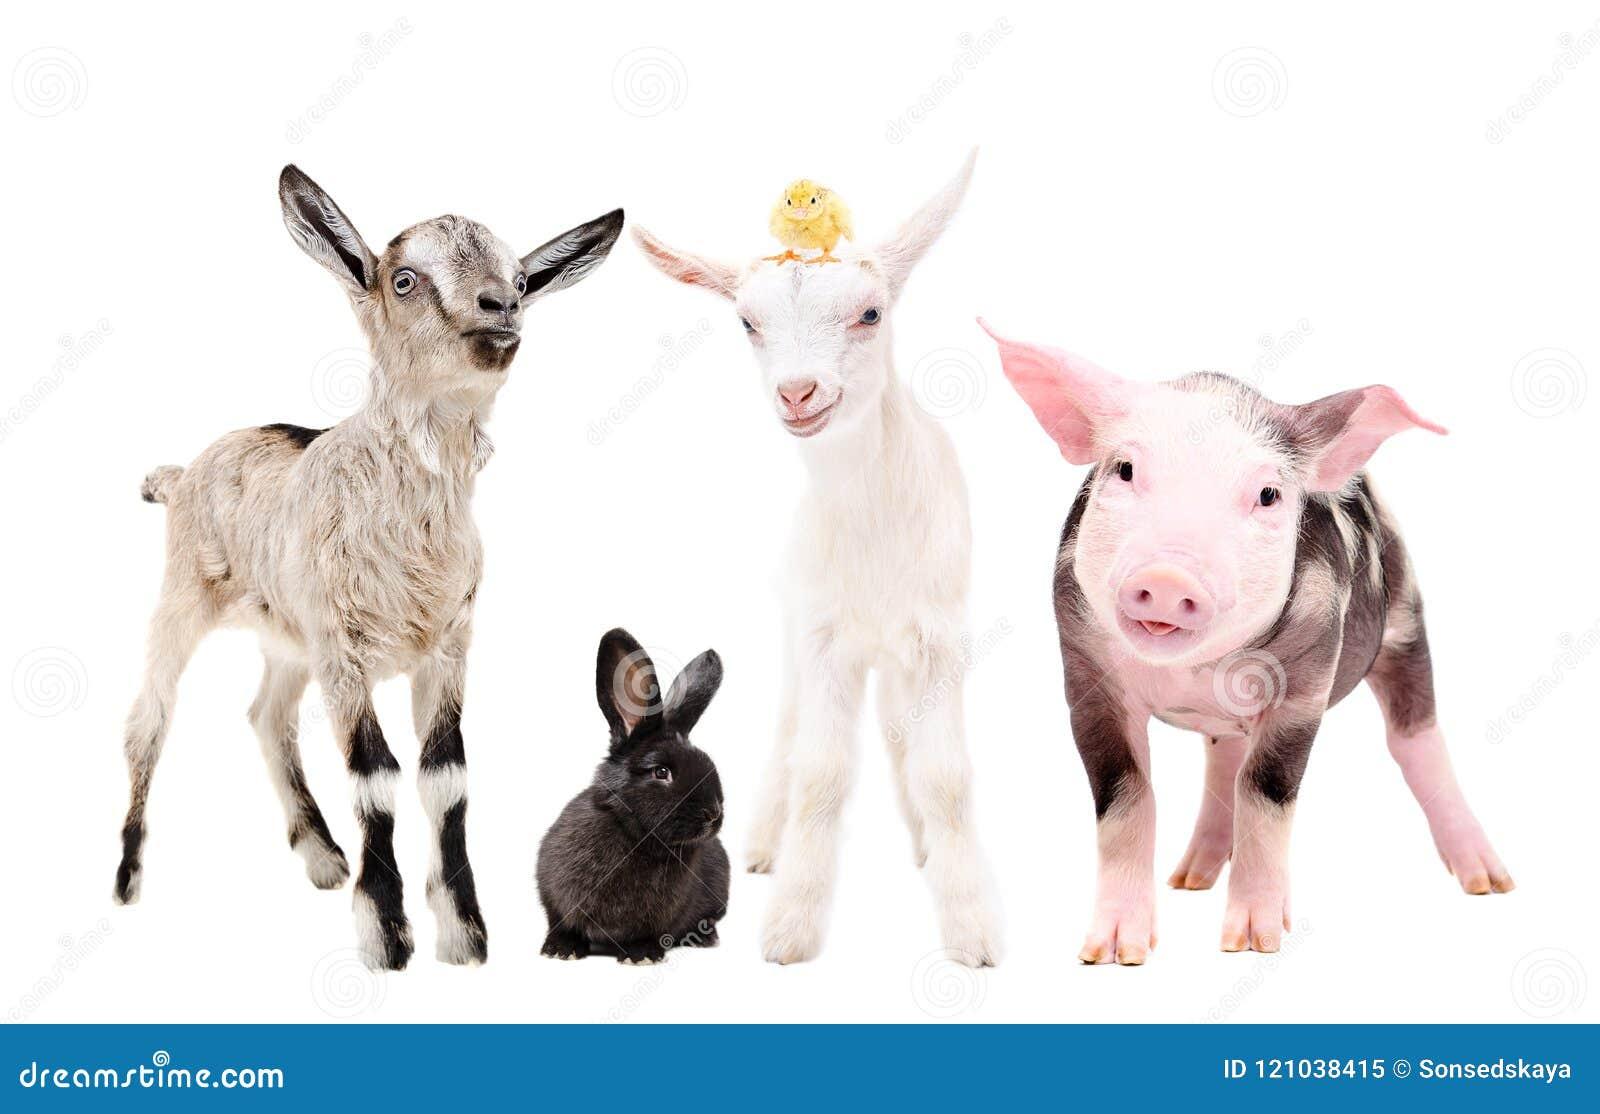 Cute little farm animals